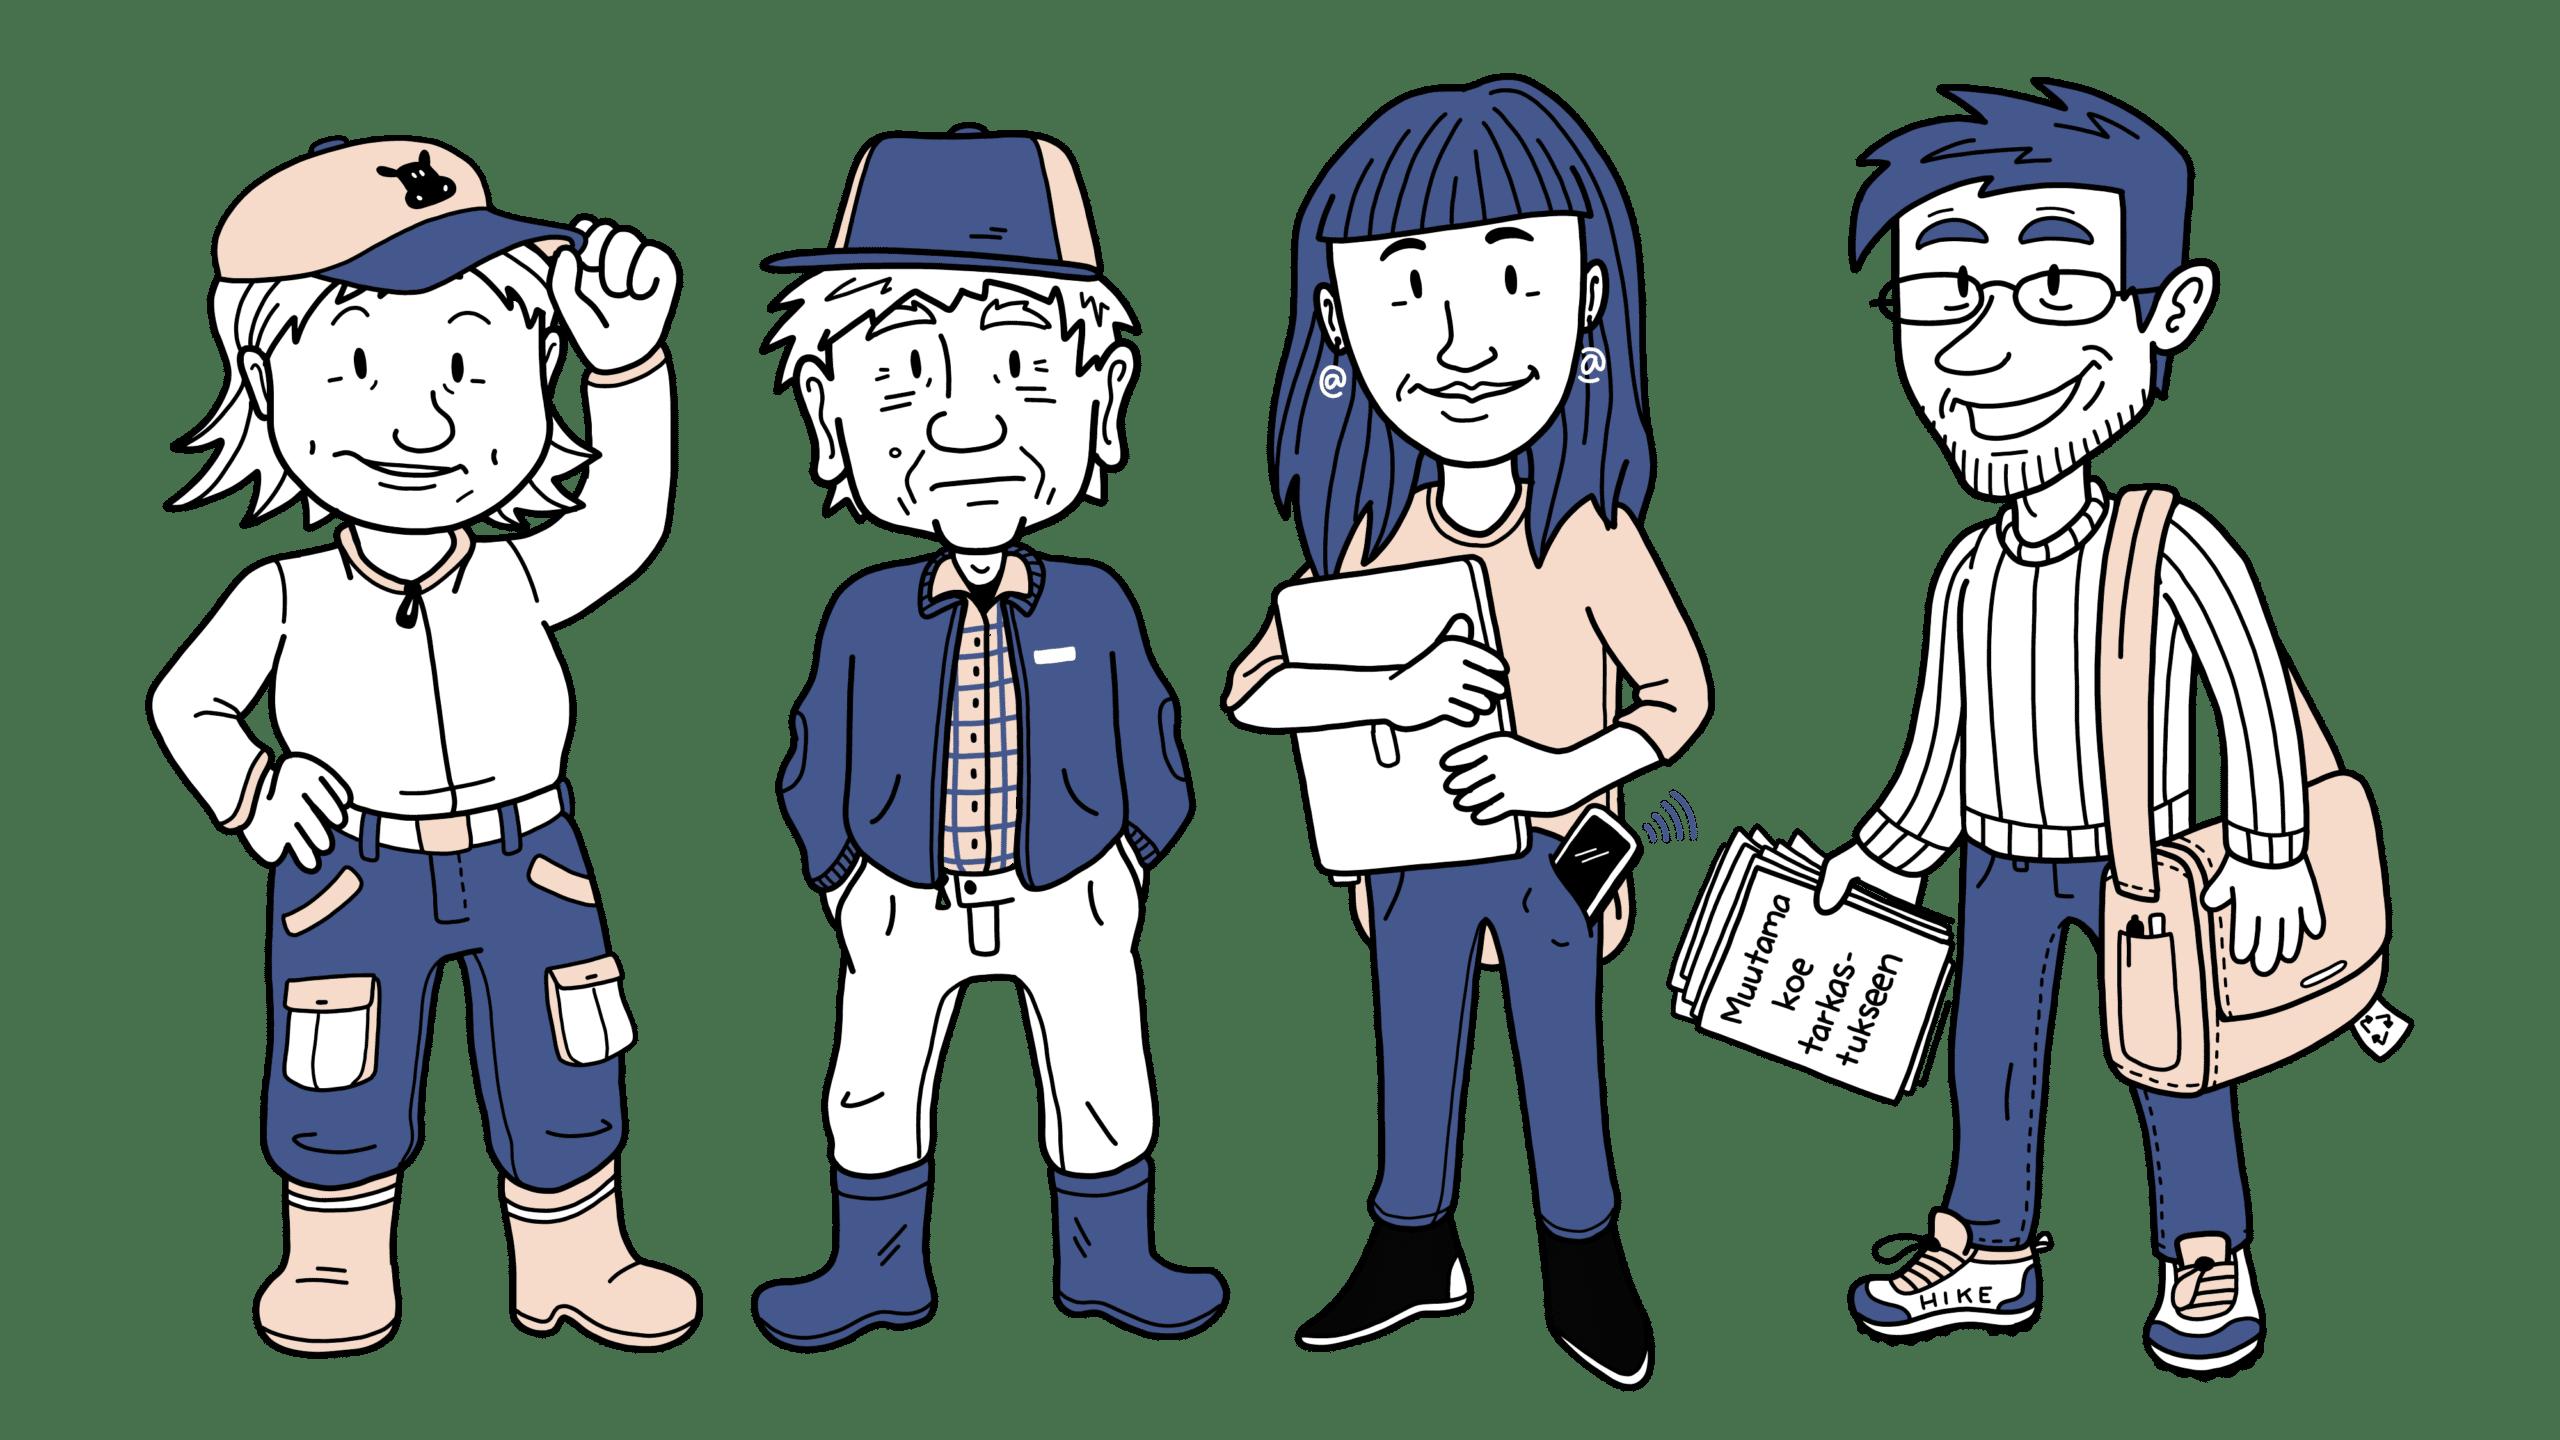 Ilmastohahmot: neljä erilaista ihmistä